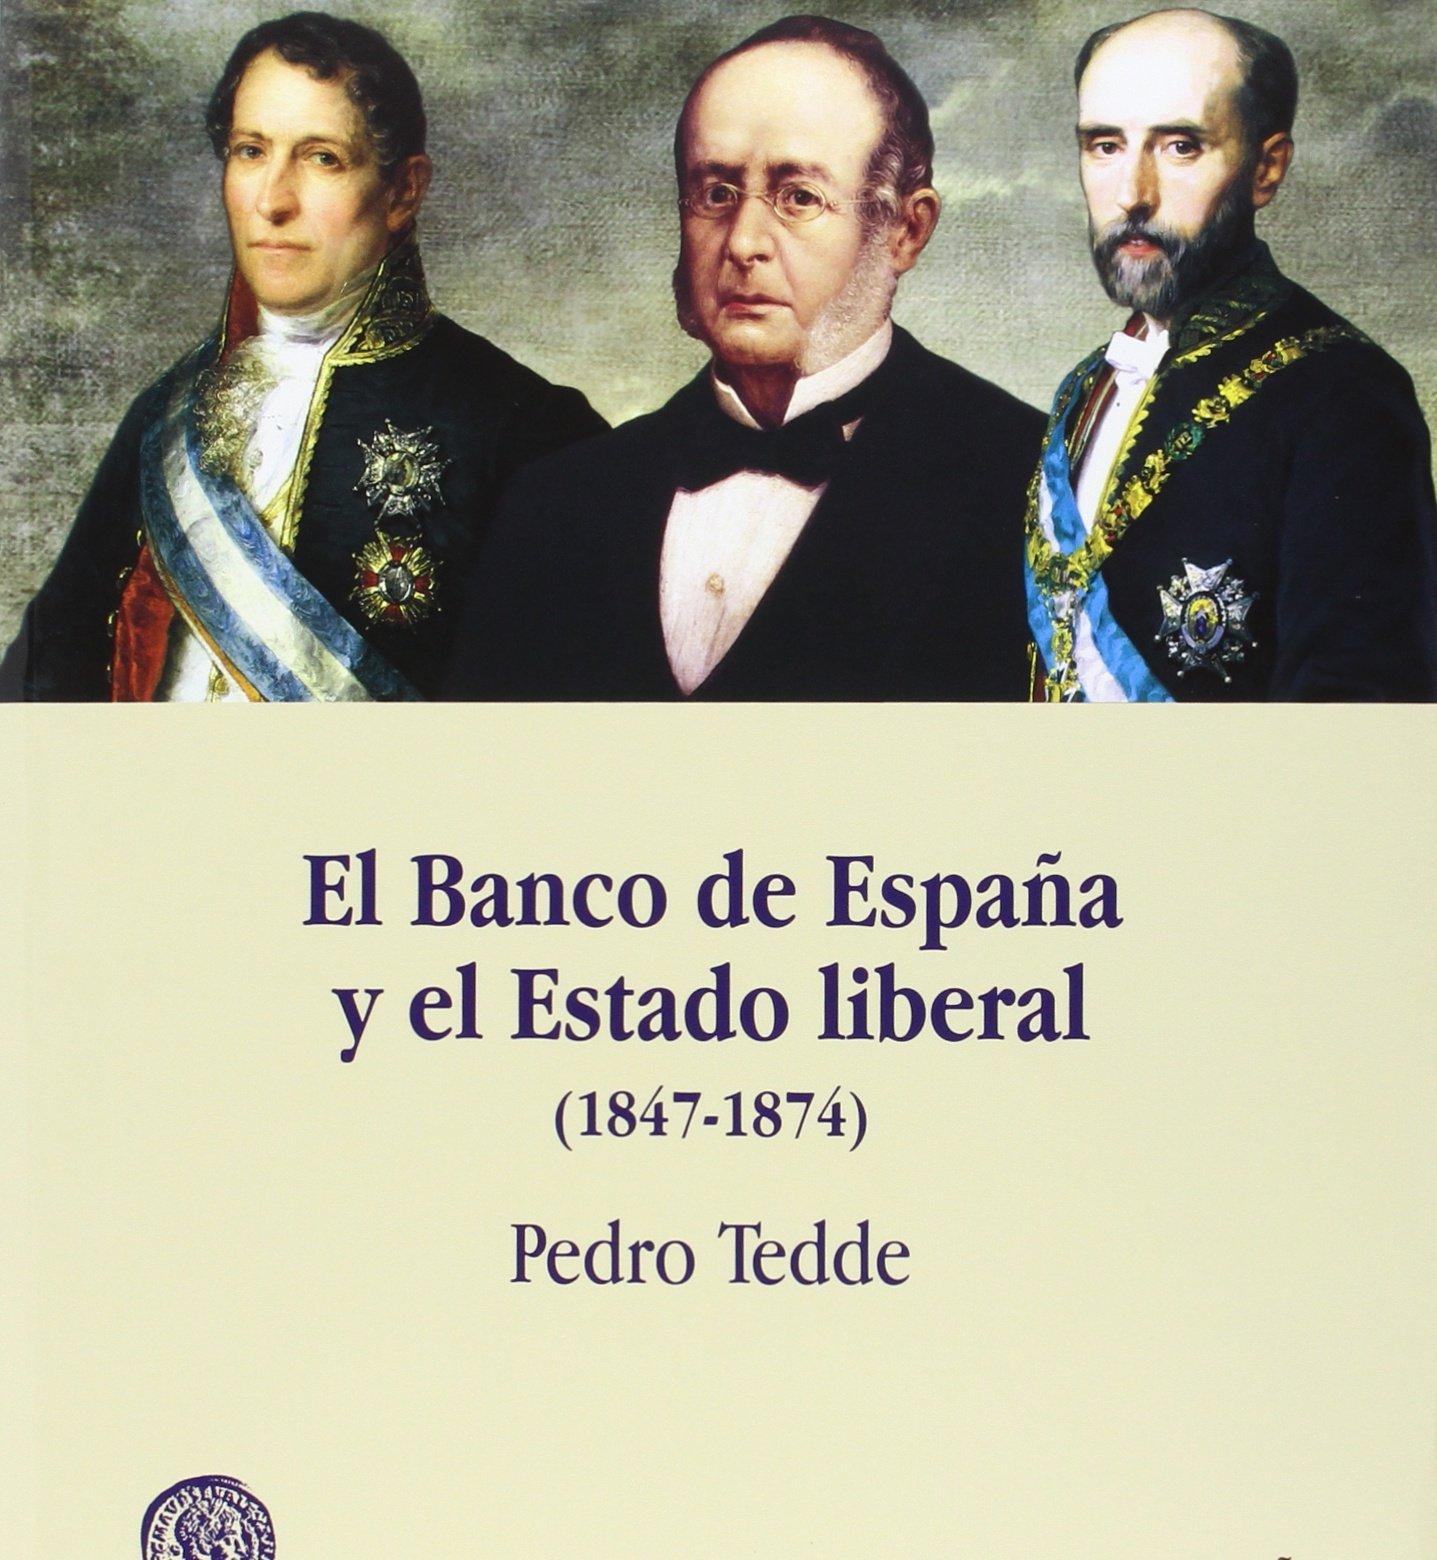 El Banco de España y el Estado Liberal 1847-1874 Fuera de Colección: Amazon.es: Tedde de Lorca, Pedro: Libros